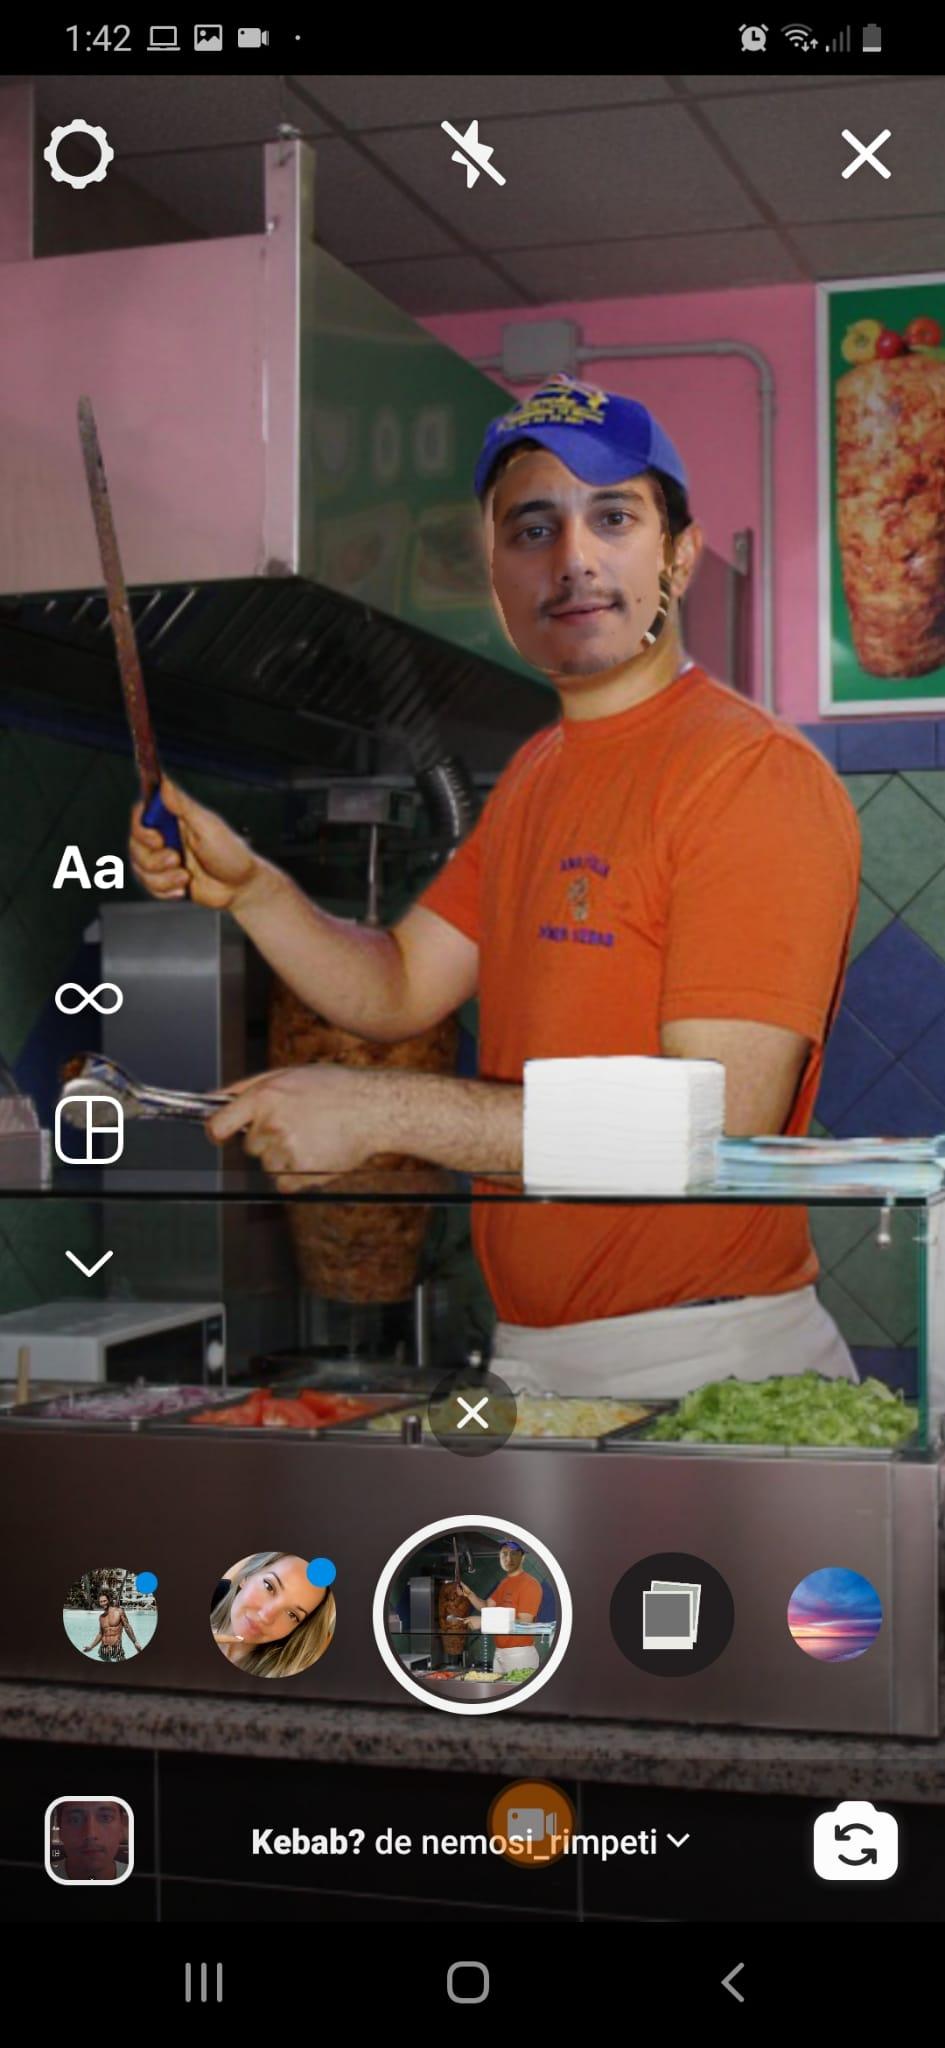 Kebab?